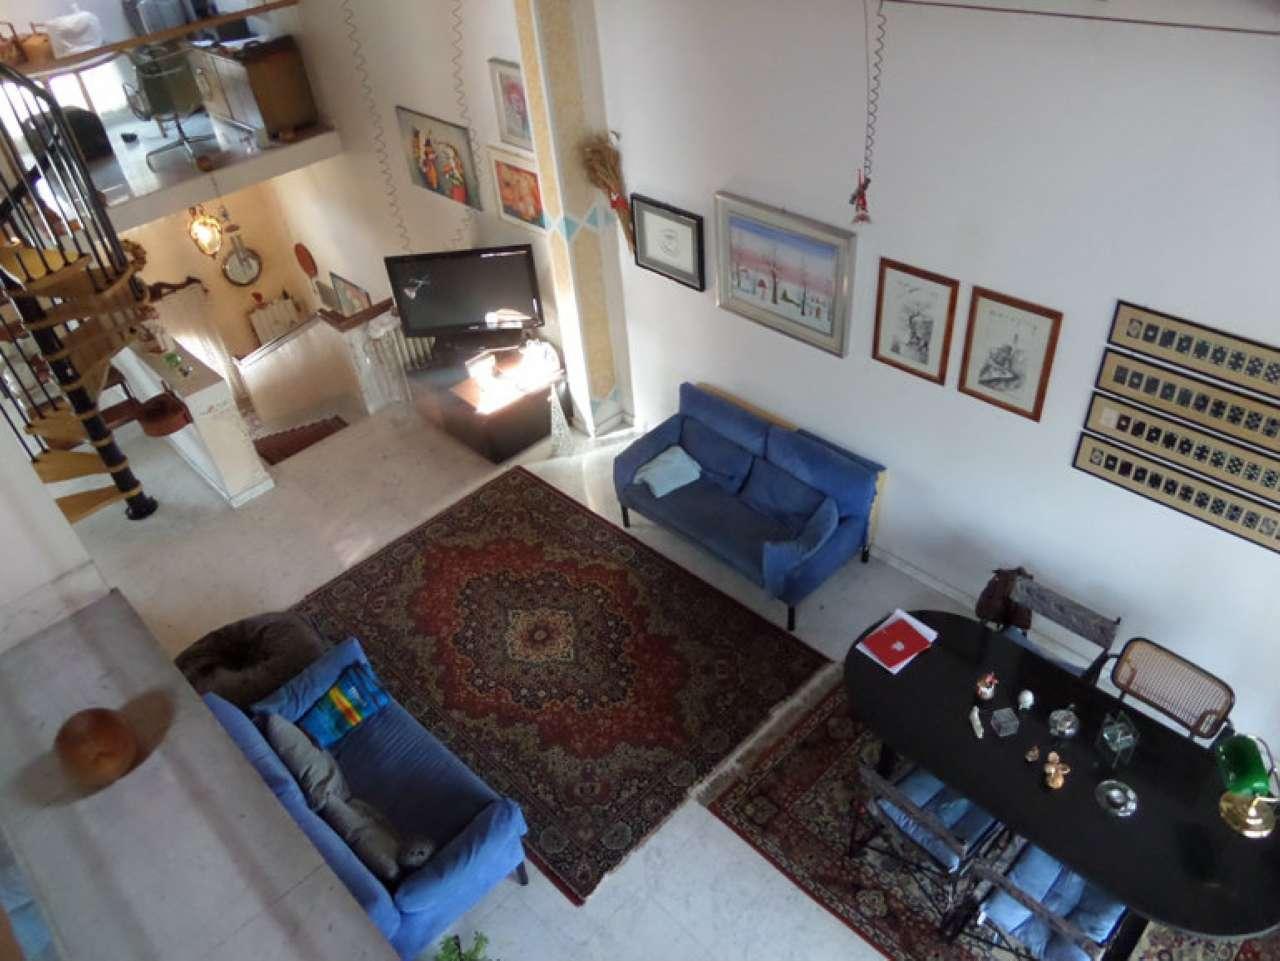 Villa in affitto a Milano, 8 locali, zona Zona: 3 . Bicocca, Greco, Monza, Palmanova, Padova, prezzo € 3.500 | Cambio Casa.it